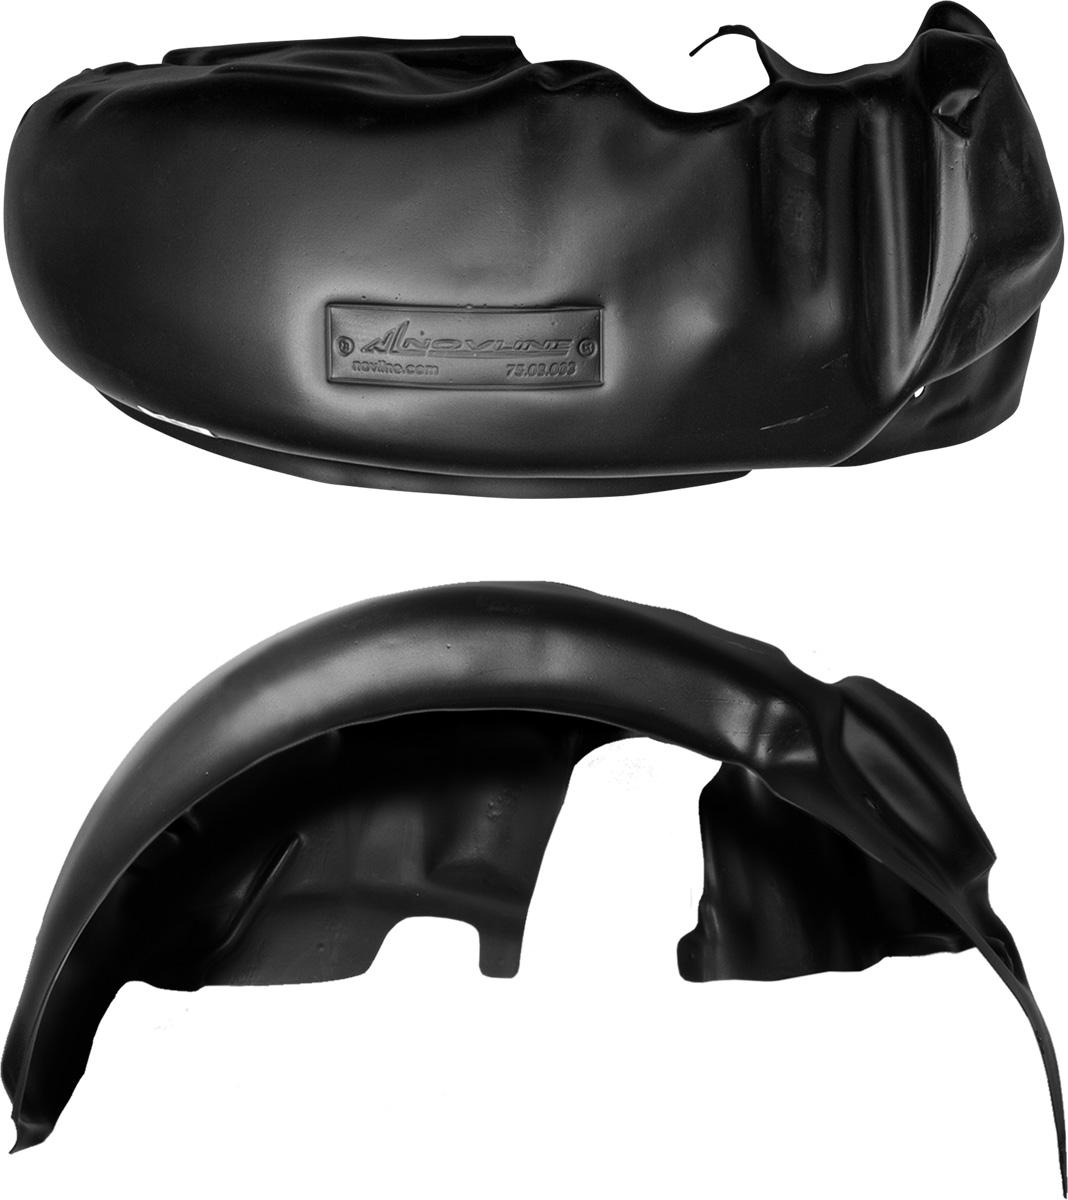 Подкрылок Novline-Autofamily, для Lada Vesta, 2015 ->, седан (передний правый)NLL.52.33.002Подкрылок выполнен из высококачественного, экологически чистого пластика. Обеспечивает надежную защиту кузова автомобиля от пескоструйного эффекта и негативного влияния, агрессивных антигололедных реагентов. Пластик обладает более низкой теплопроводностью, чем металл, поэтому в зимний период эксплуатации использование пластиковых подкрылков позволяет лучше защитить колесные ниши от налипания снега и образования наледи. Оригинальность конструкции подчеркивает элегантность автомобиля, бережно защищает нанесенное на днище кузова антикоррозийное покрытие и позволяет осуществить крепление подкрылка внутри колесной арки практически без дополнительного крепежа и сверления, не нарушая при этом лакокрасочного покрытия, что предотвращает возникновение новых очагов коррозии. Технология крепления подкрылка на иномарки принципиально отличается от крепления на российские автомобили и разрабатывается индивидуально для каждой модели автомобиля. Подкрылок долговечен, обладает высокой прочностью и...